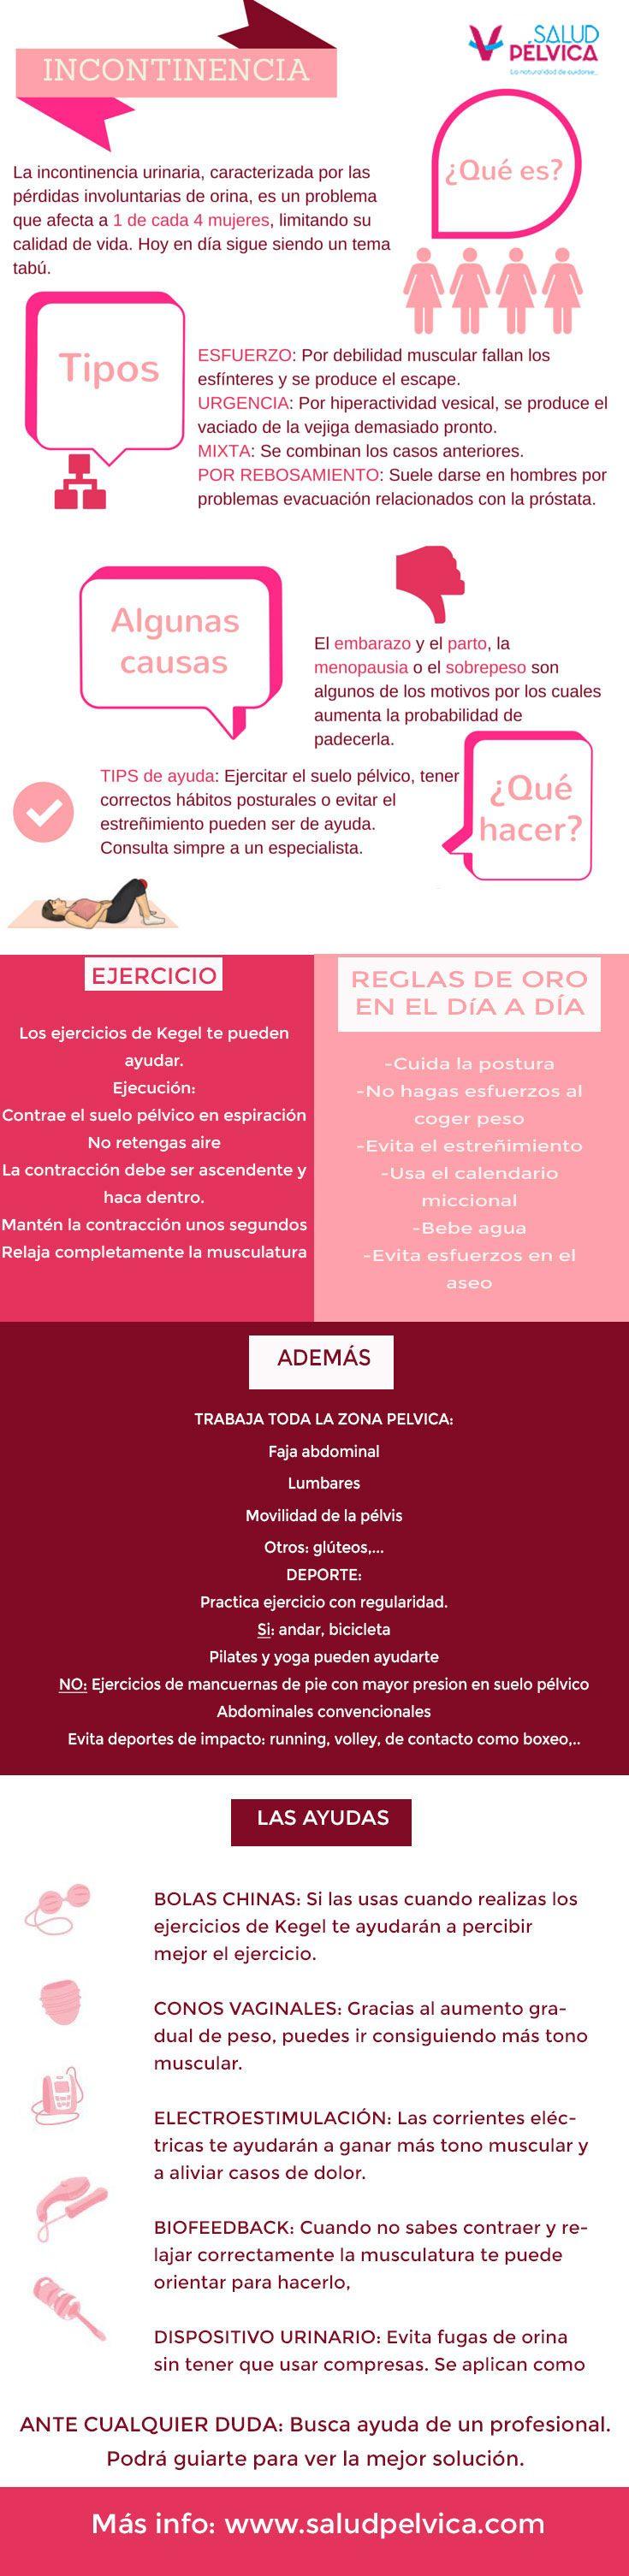 Infografia sobre la incontinencia: ENTRENA TU SUELO PELVICO y VEJIGA para vencerla